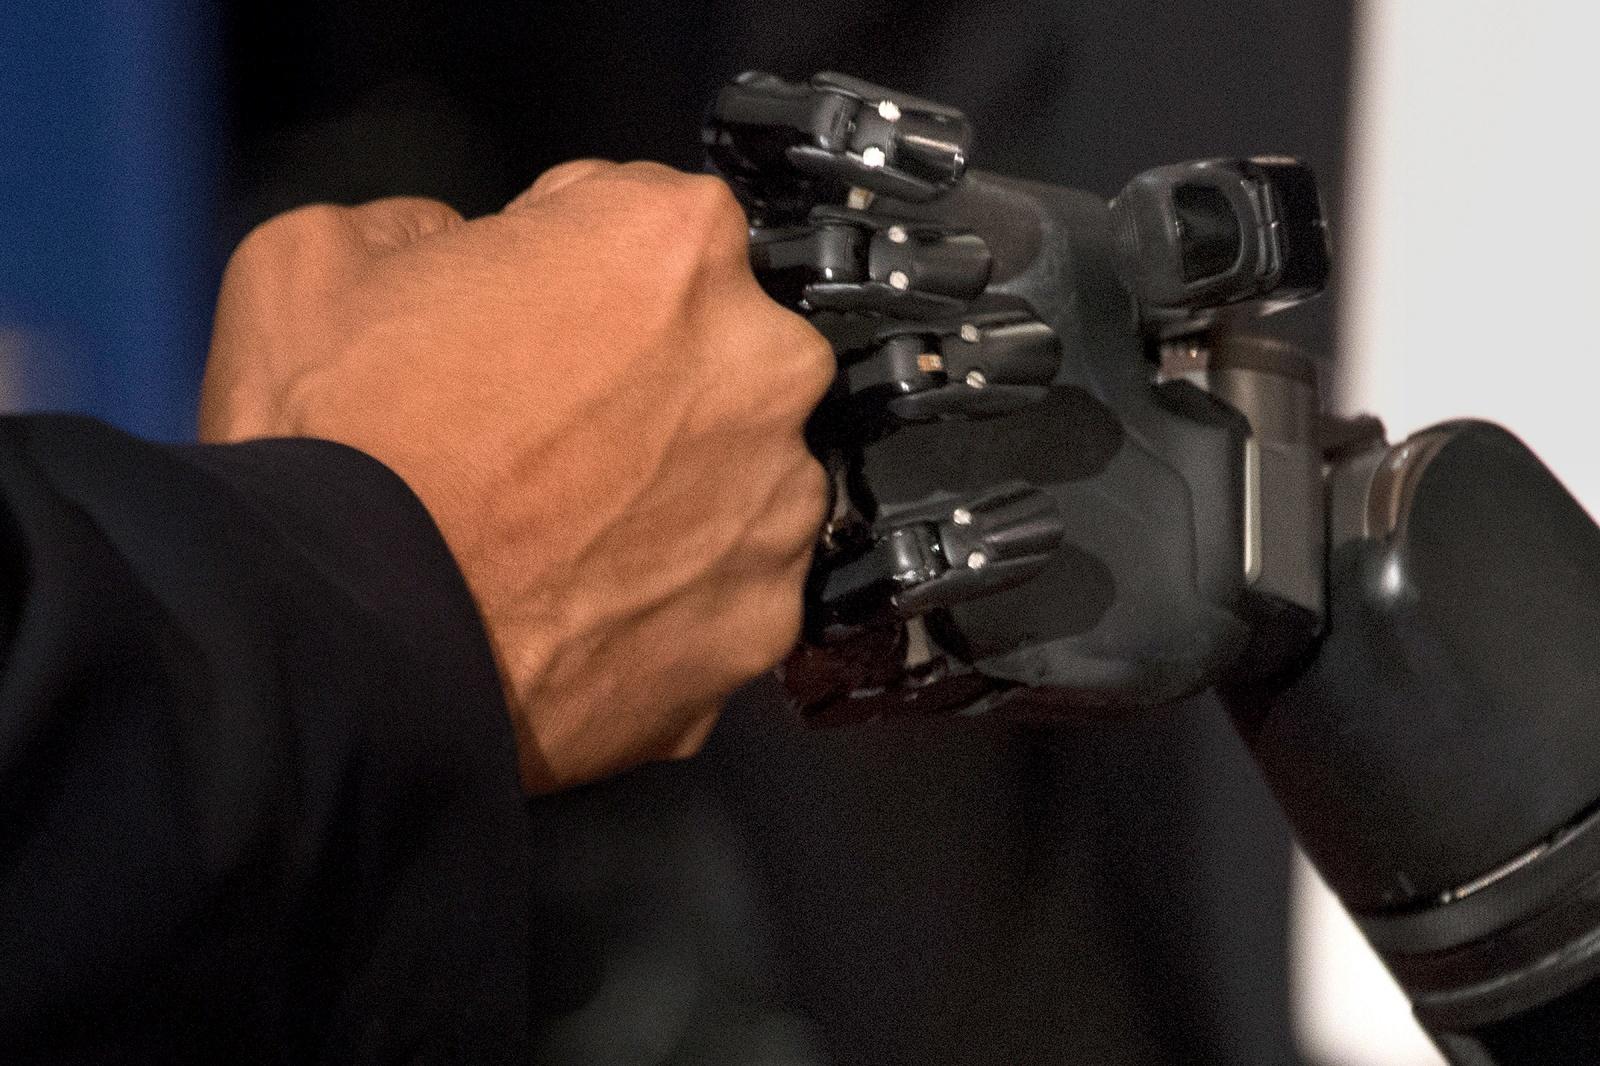 Эта роботизированная рука, управляемая мыслью, может поворачиваться, брать предметы и даже ощущать их - 1